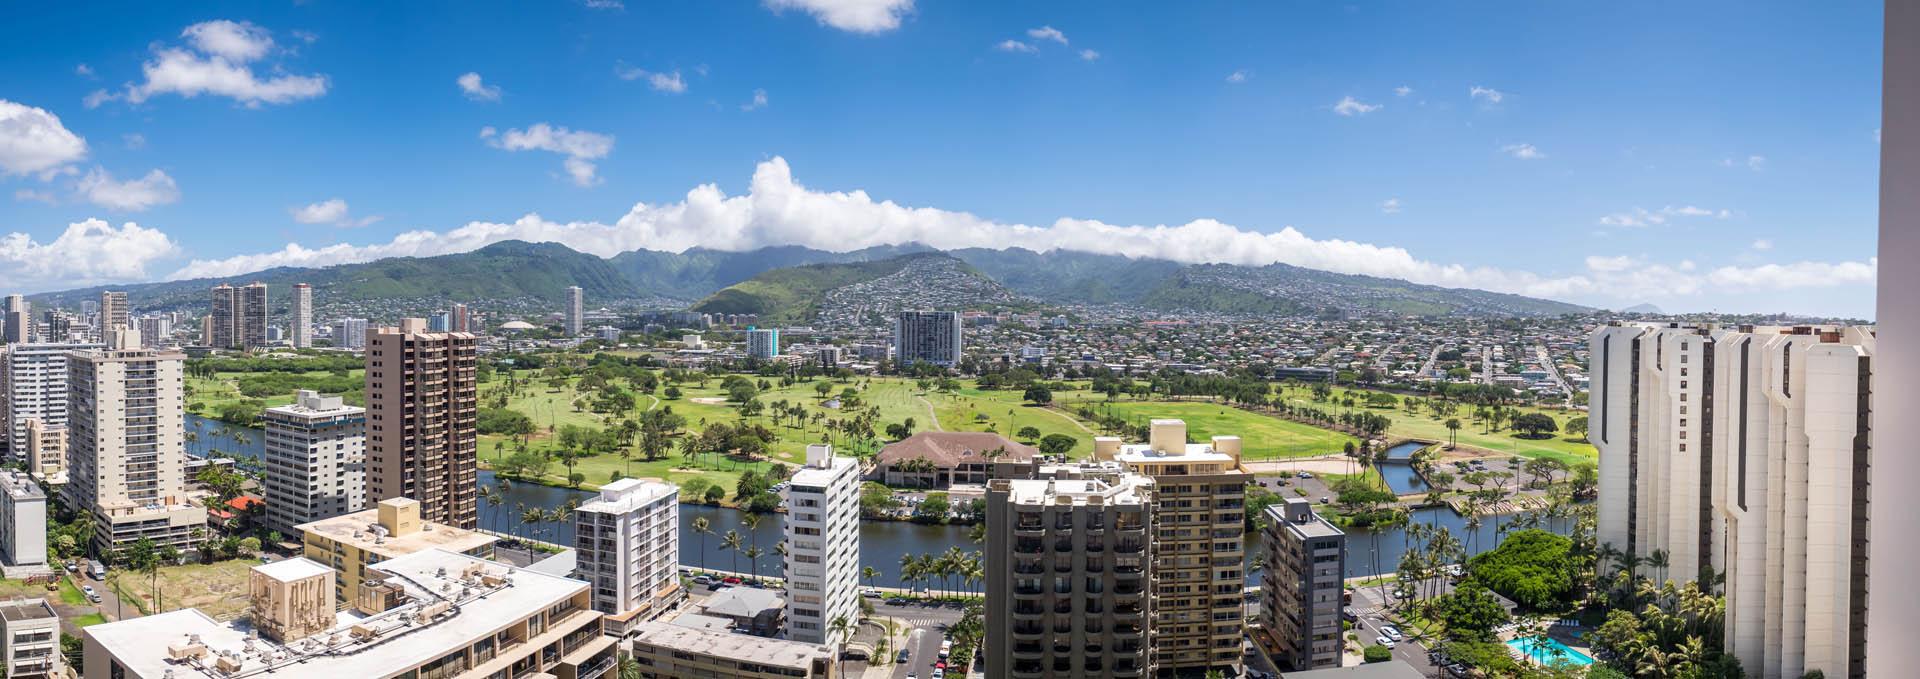 Sweetwater at Waikiki Banyan image